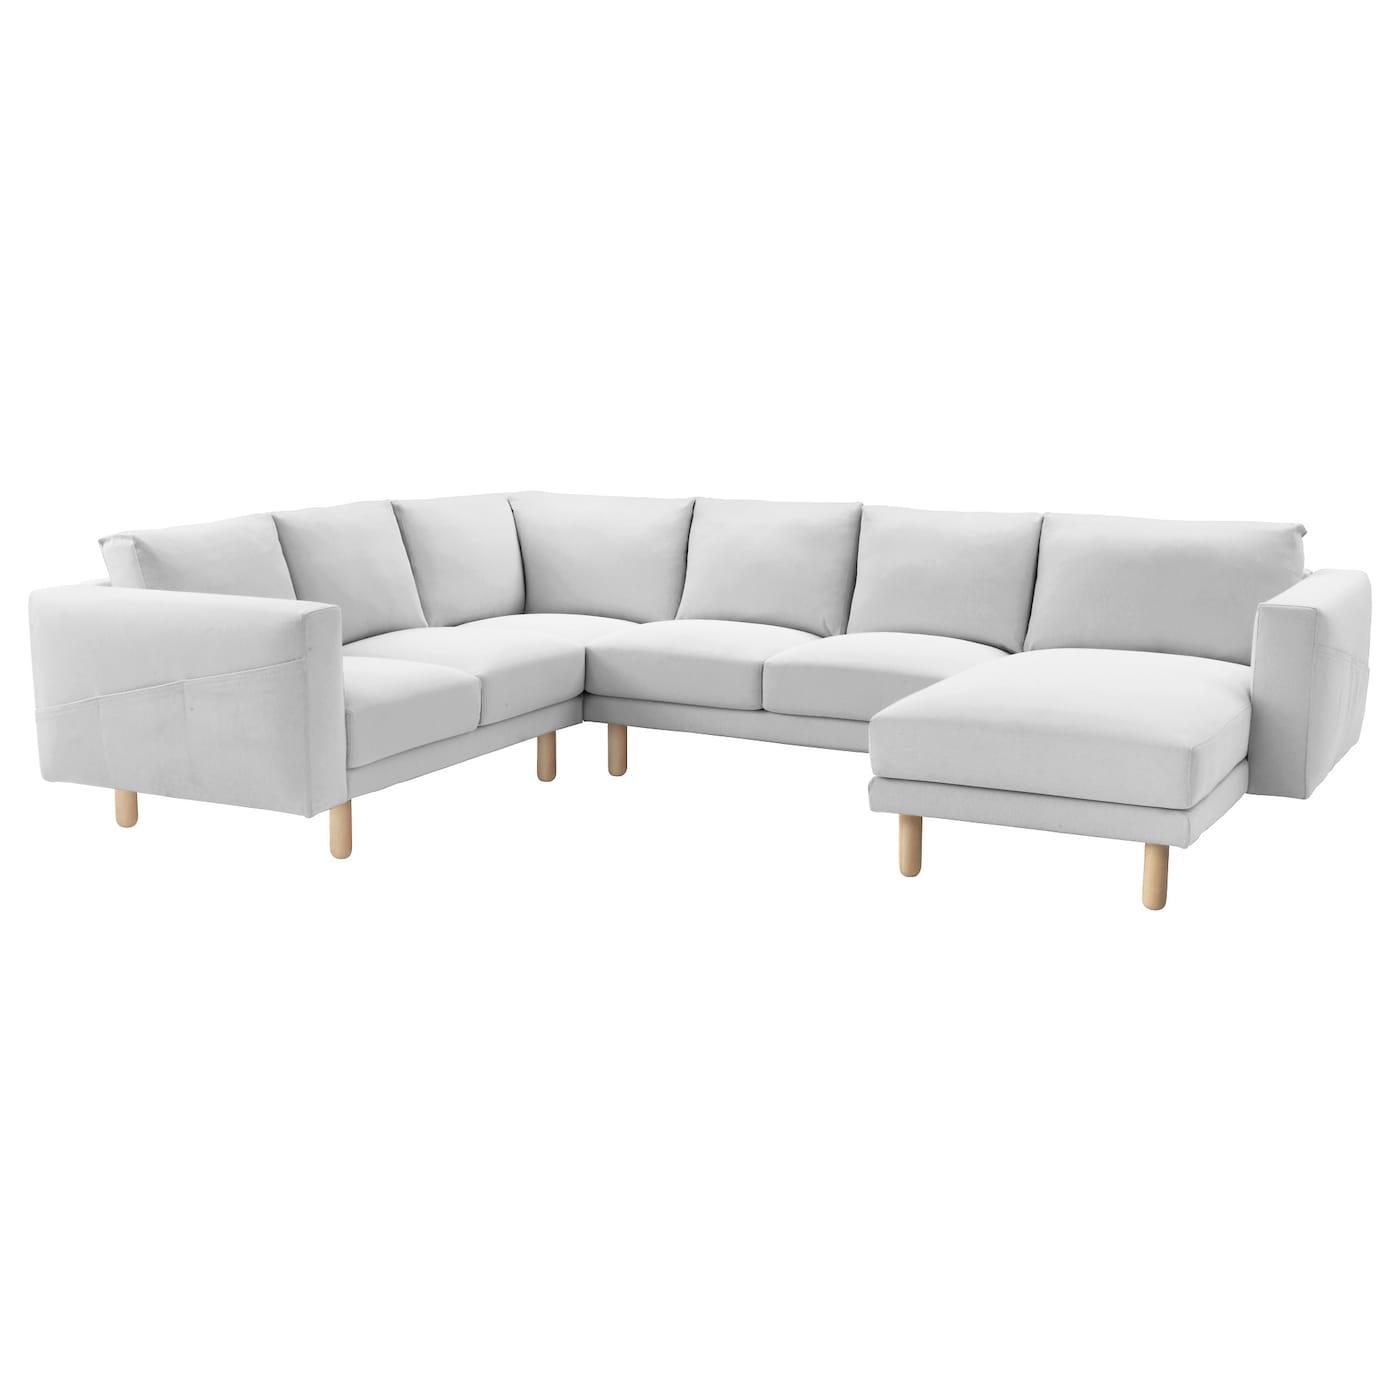 norsborg housse canap d 39 angle 5 places avec m ridienne. Black Bedroom Furniture Sets. Home Design Ideas